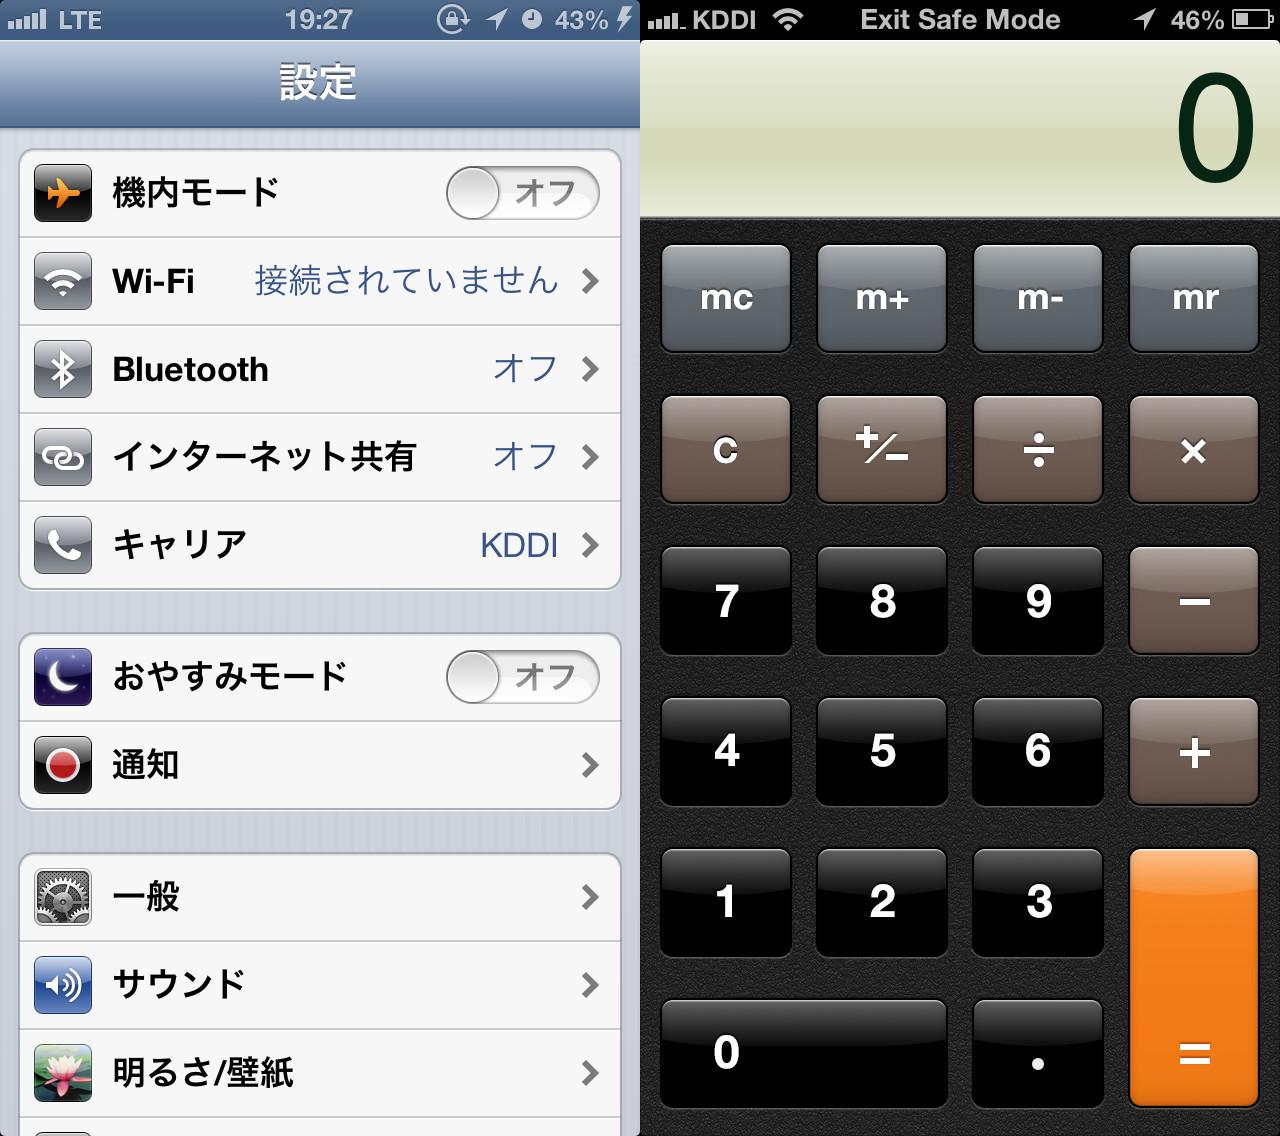 スキューモーフィズムの代表例。iOS6のUIデザインはリアルさを求めている。